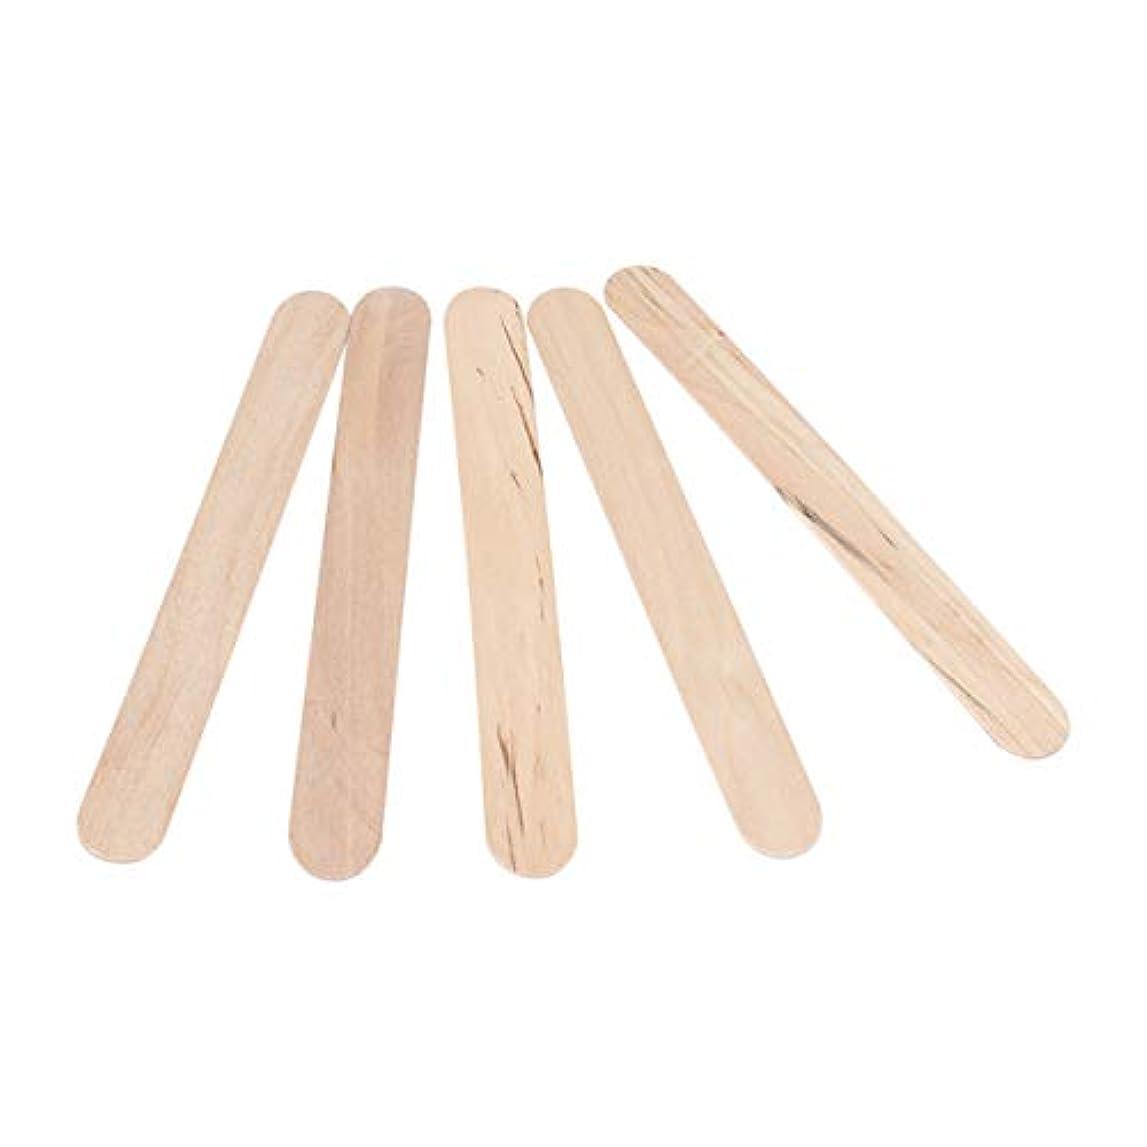 偏心圧縮されたハーネスSTOBOK 300PCSワックスは使い捨てワックスへらスティック木製のワックス塗布器は、木材舌圧子木製のアイスキャンデークラフトスティックスティック